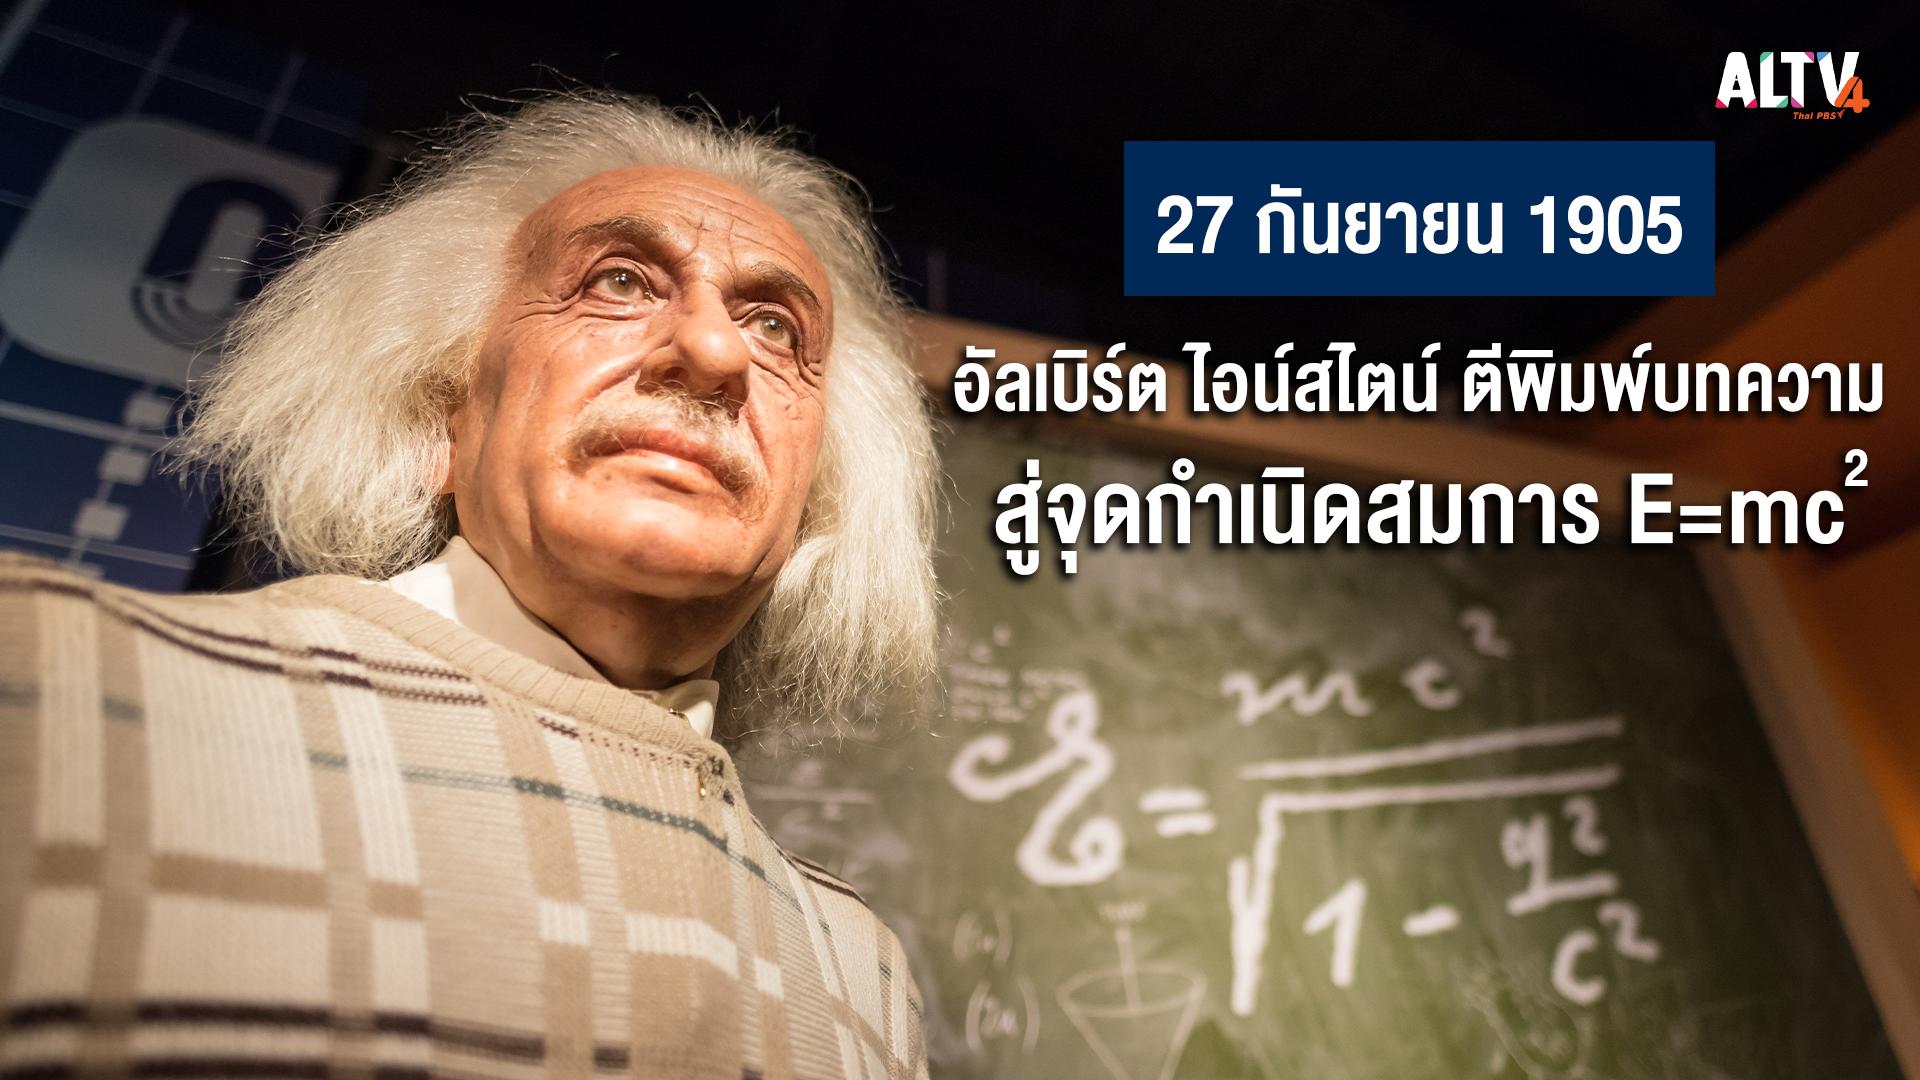 """27 กันยายน 1905 อัลเบิร์ต ไอน์สไตน์ ตีพิมพ์บทความ สู่จุดกำเนิดสมการก้องโลก """"E=mc2"""""""